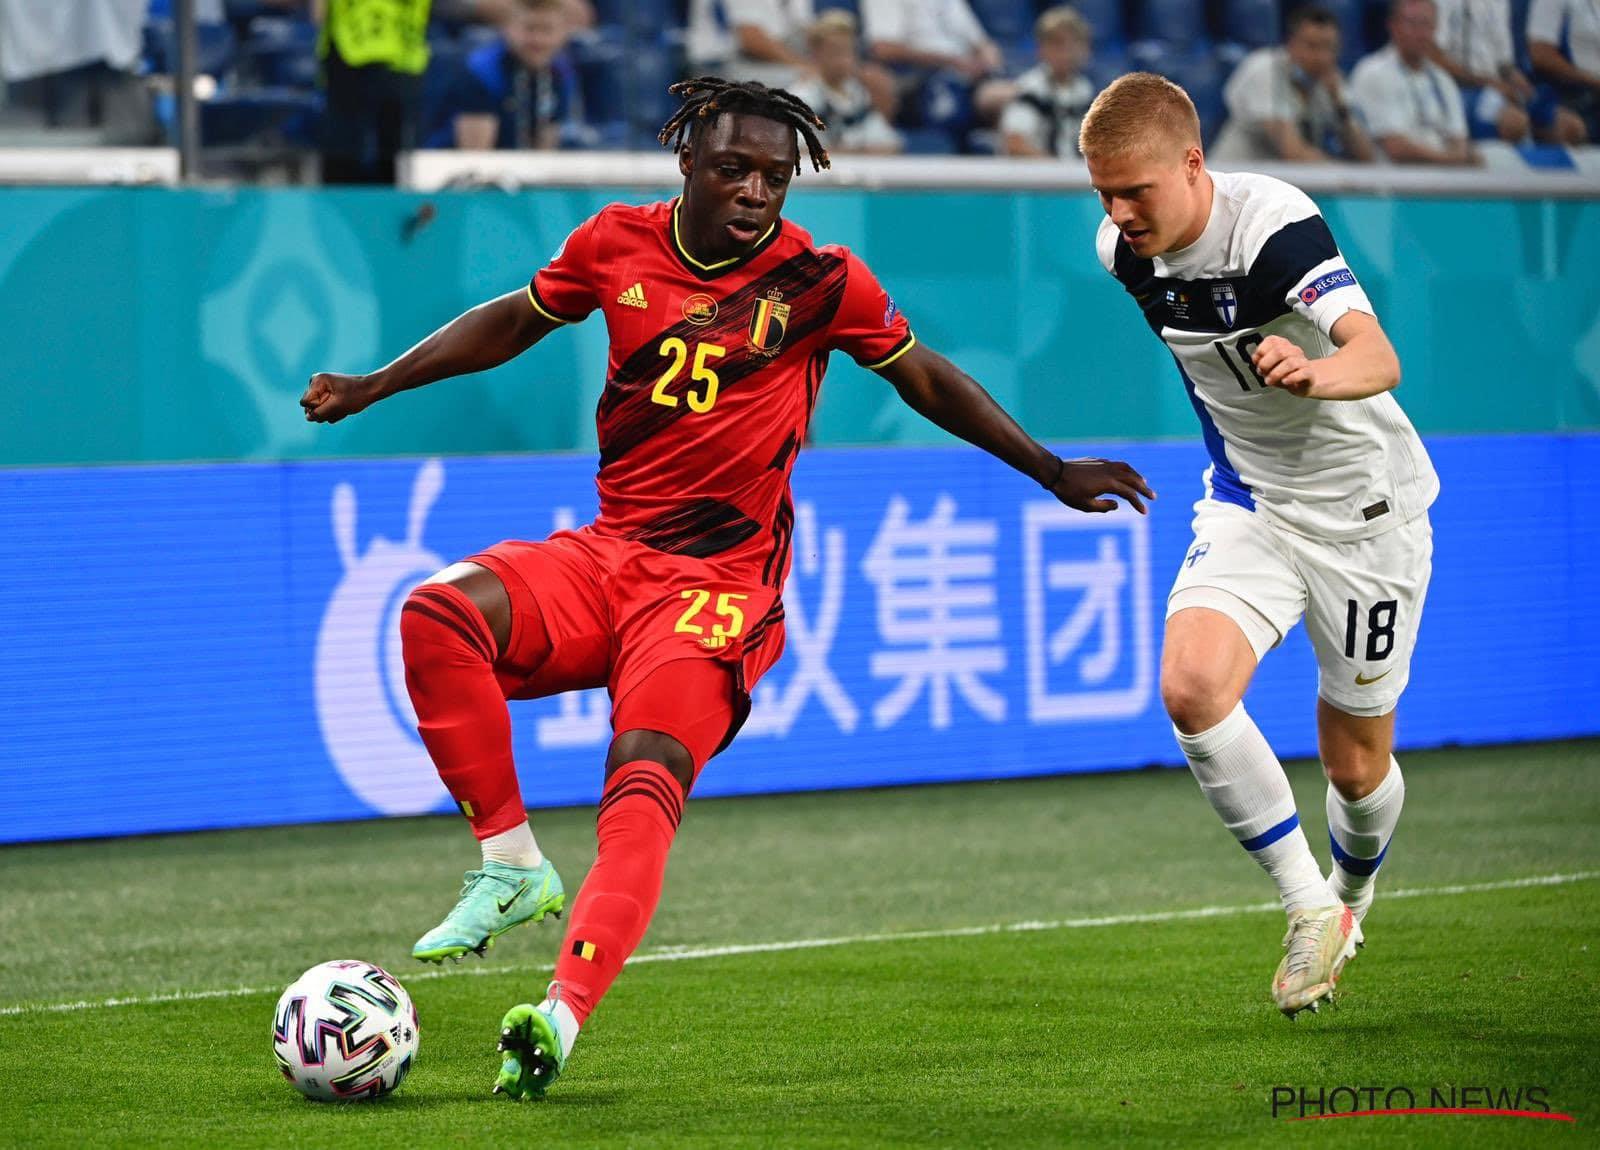 بلجيكا يقسو على فنلندا بثنائية نظيفة ويتأهل إلى الثمن النهائي من بطولة اليورو